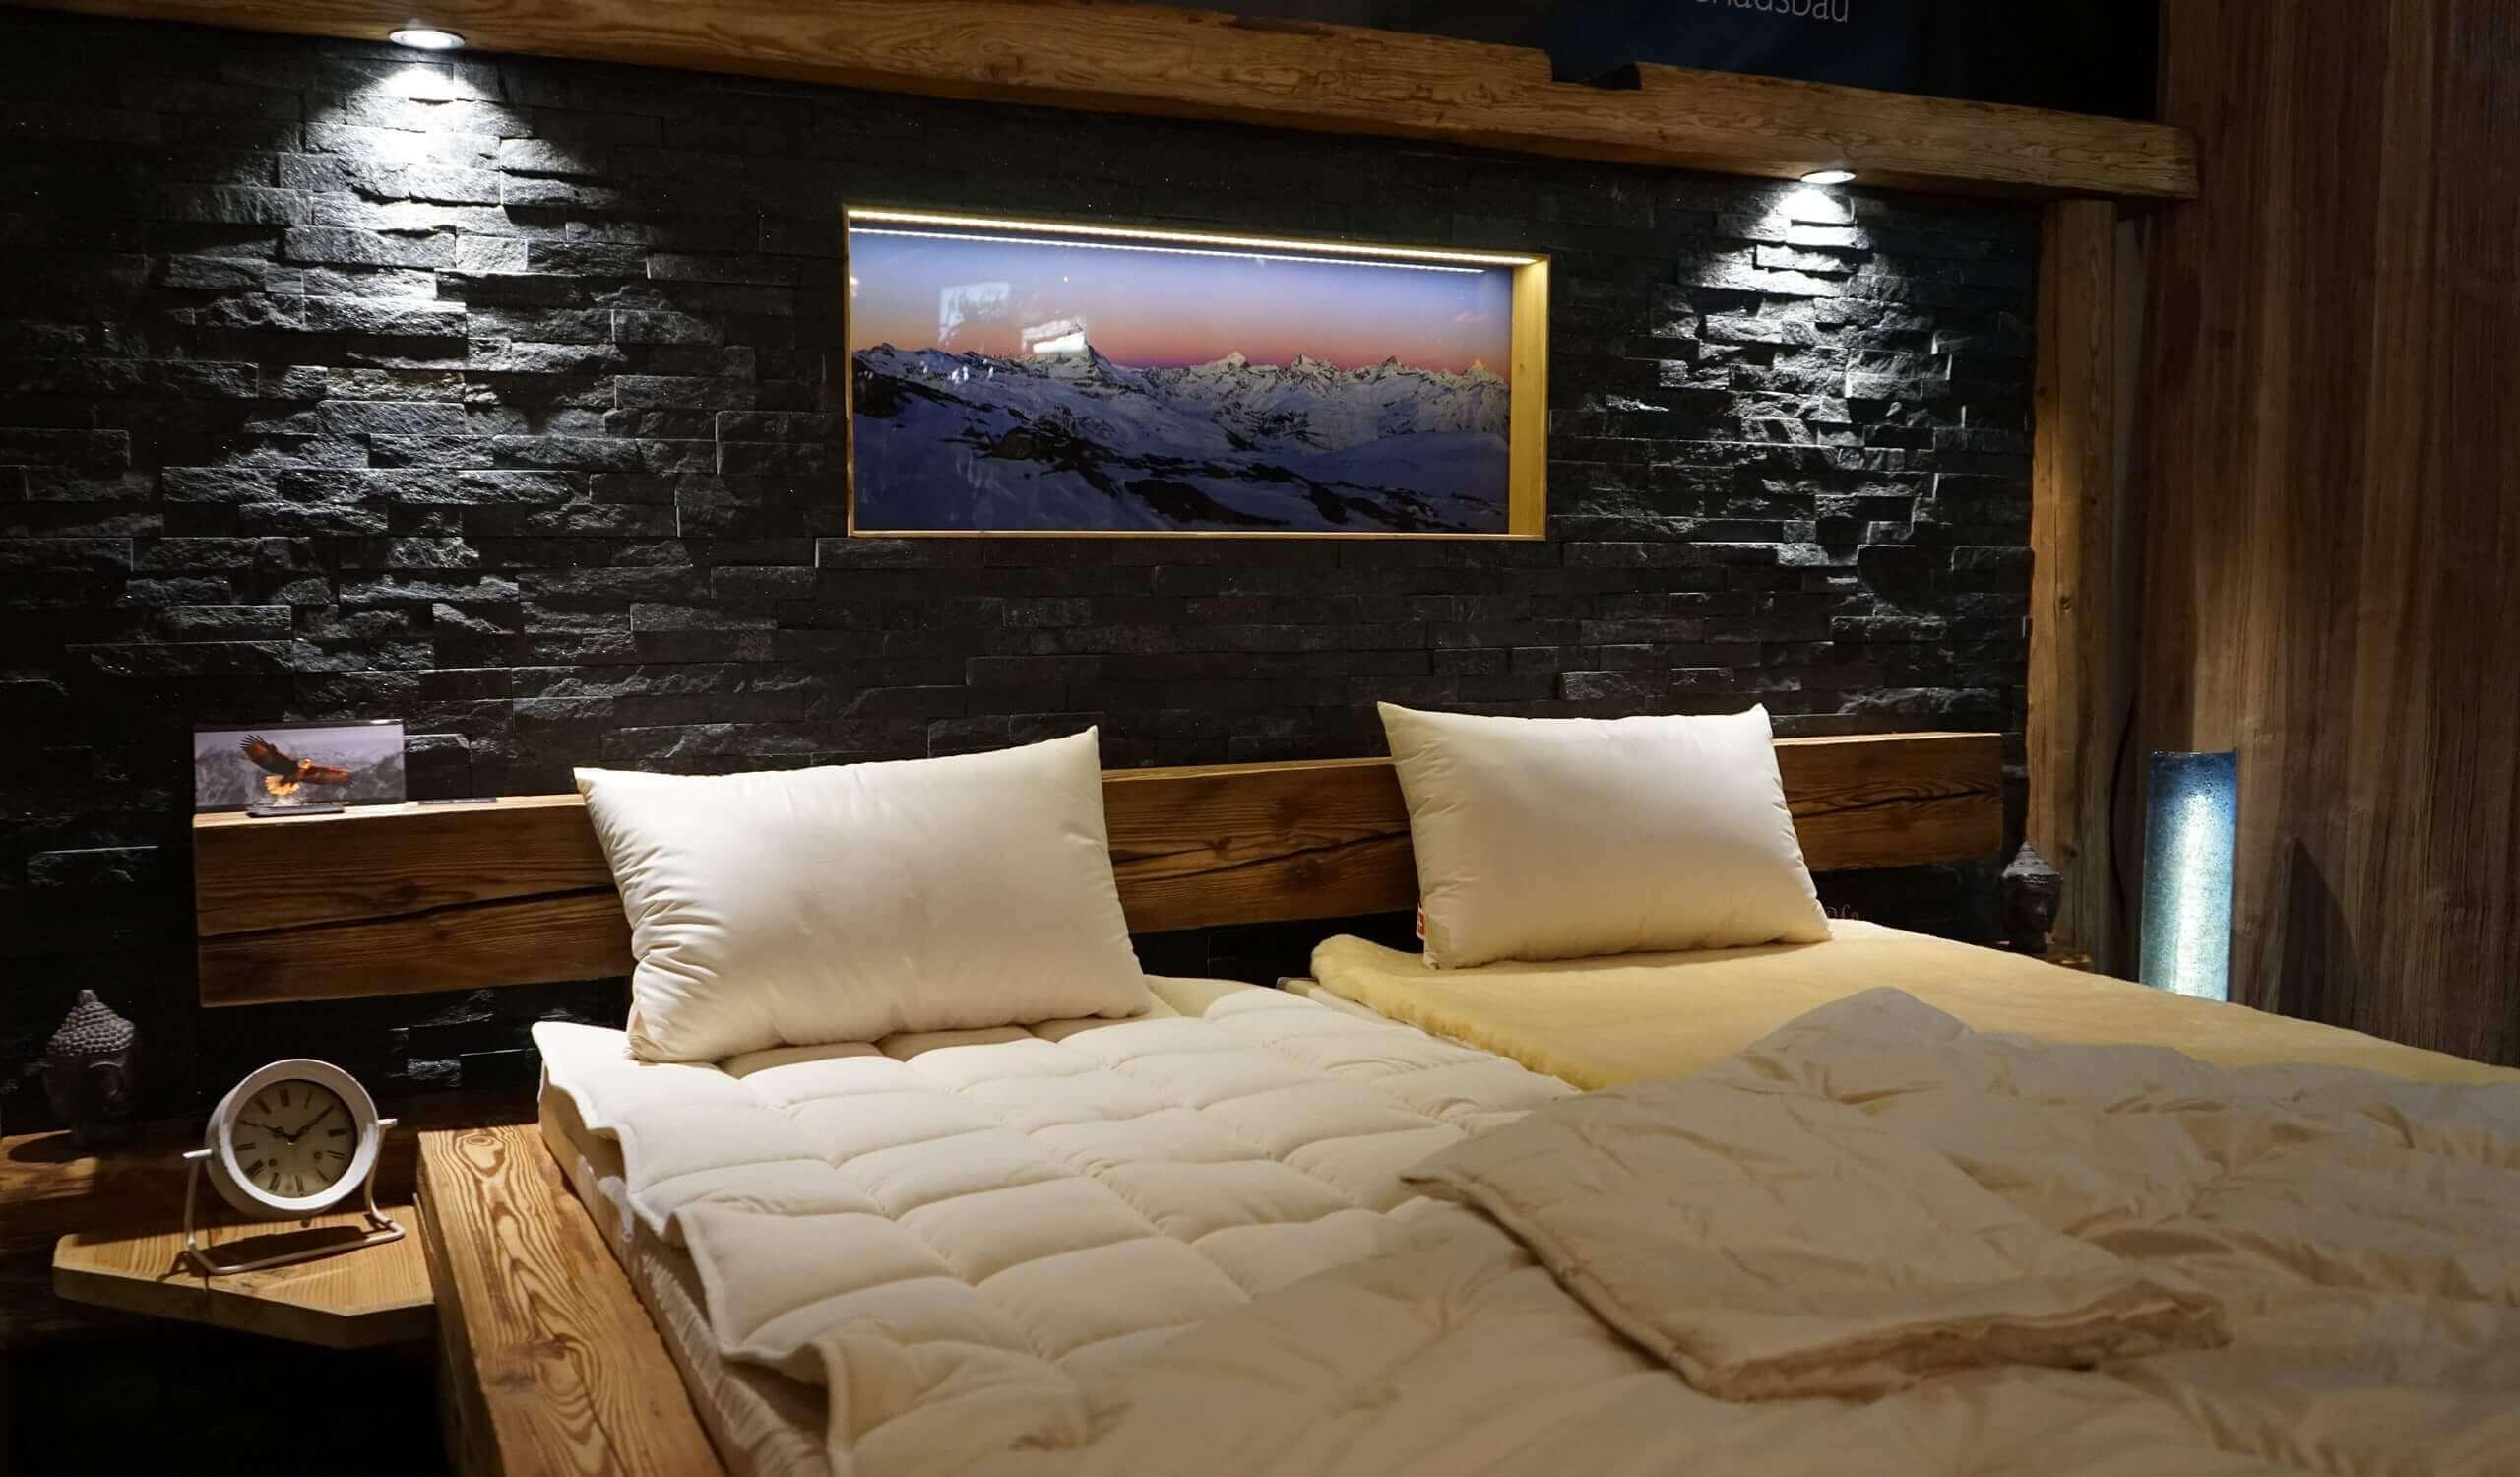 Altholz bett mit stein r ckwand mit eingerahmten bild - Bett mit ruckwand ...